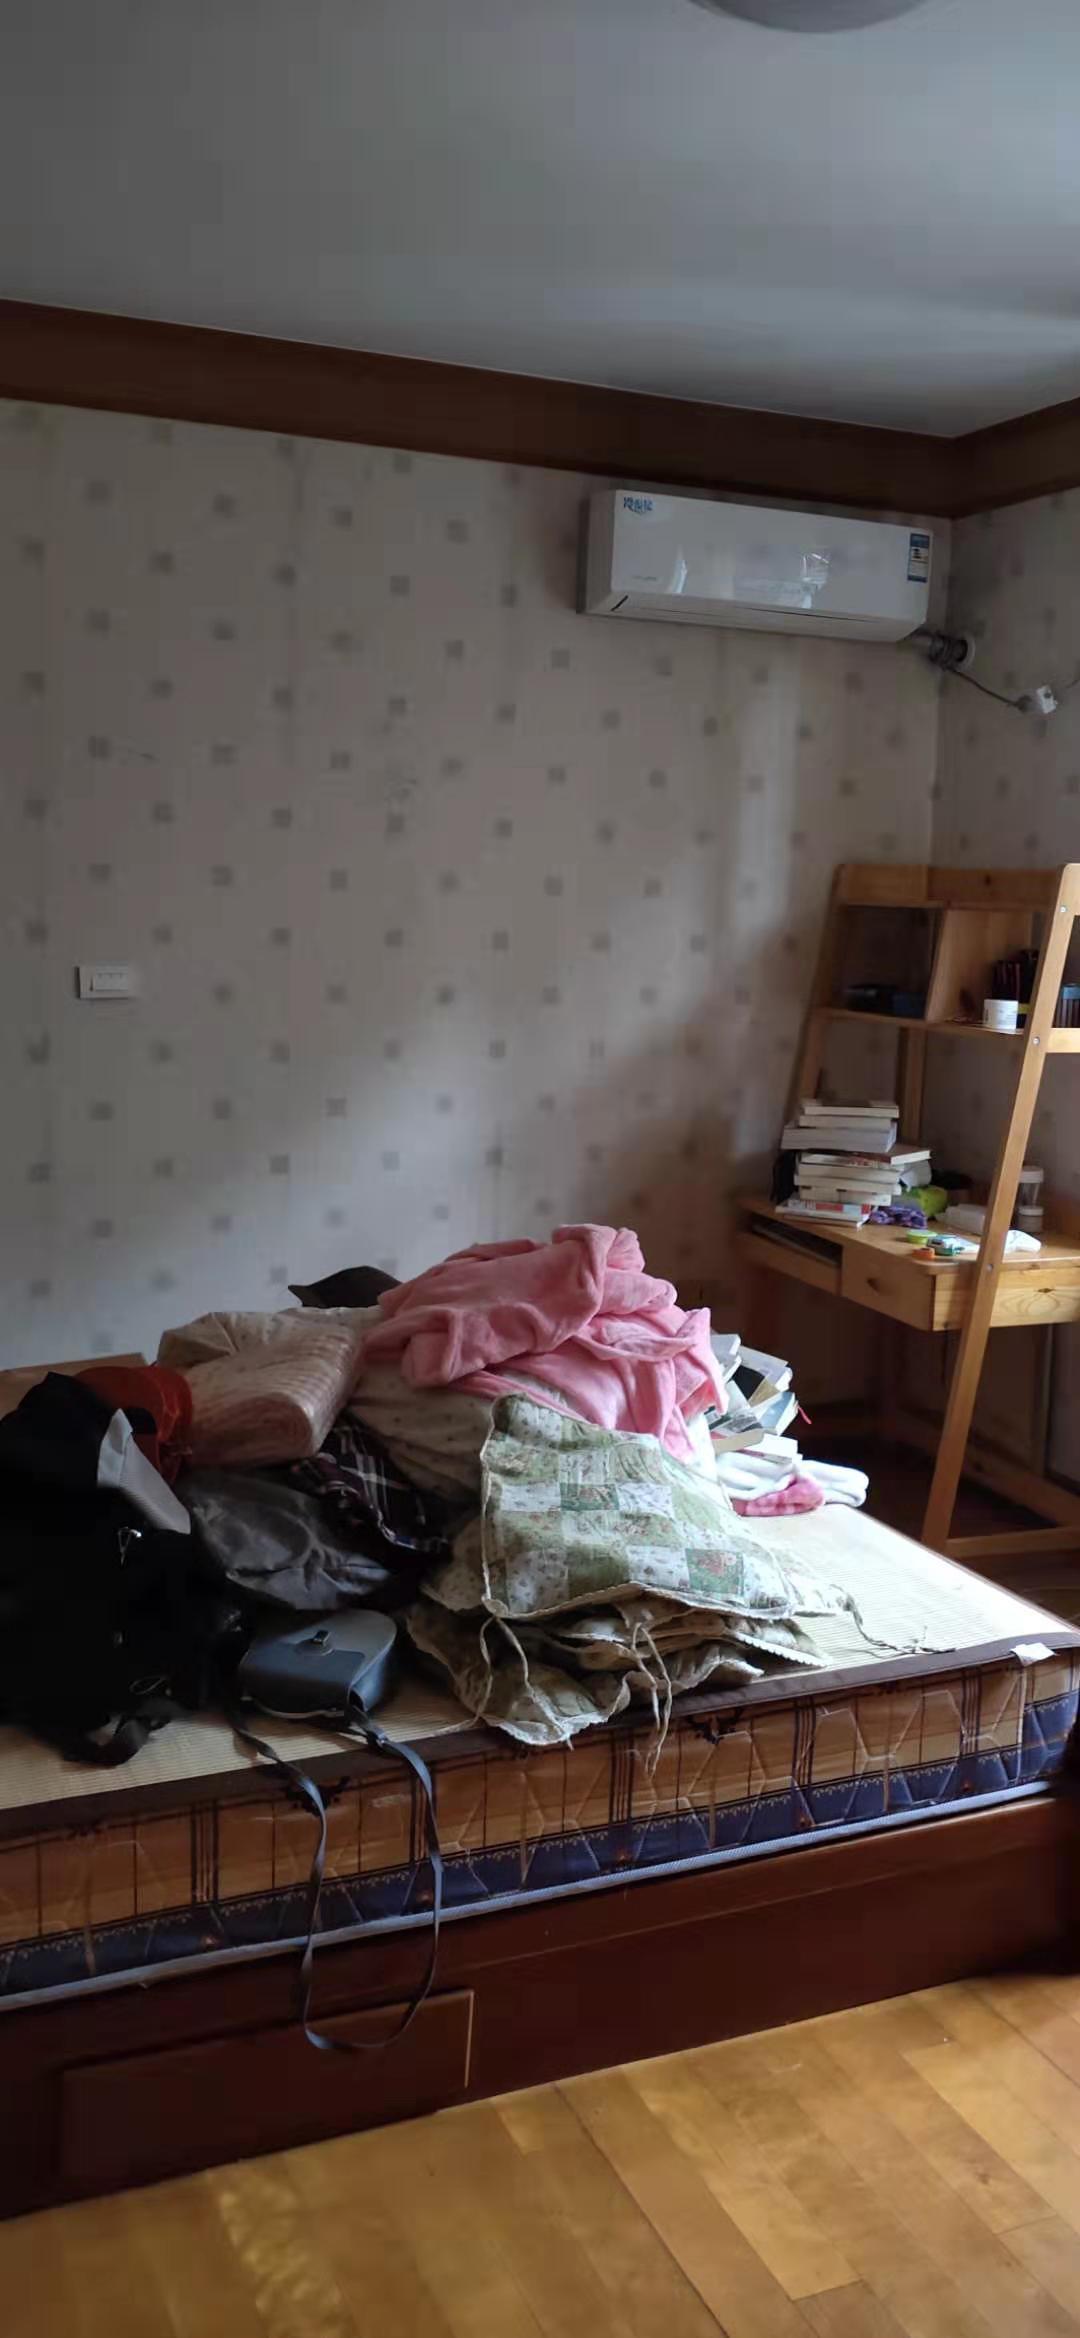 出租 景乐园小区 独门独户 3室套房 送小车库